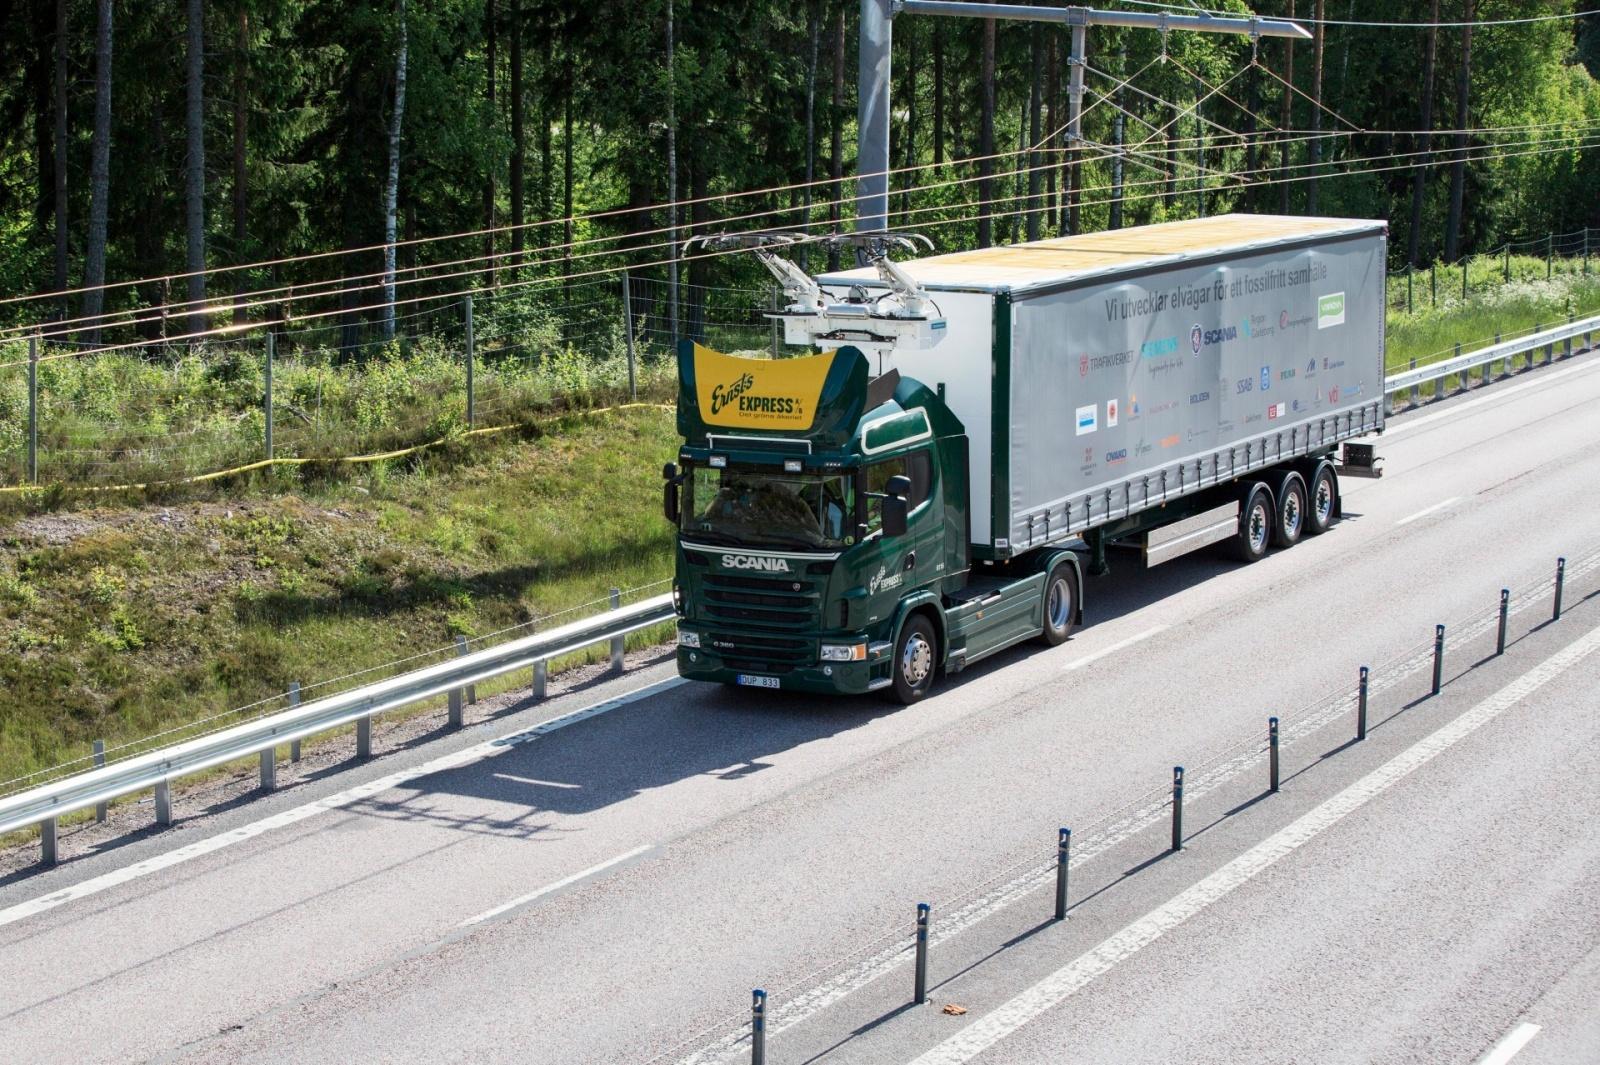 Швеция открыла электрическое шоссе длиной 2 км для грузовиков - 3